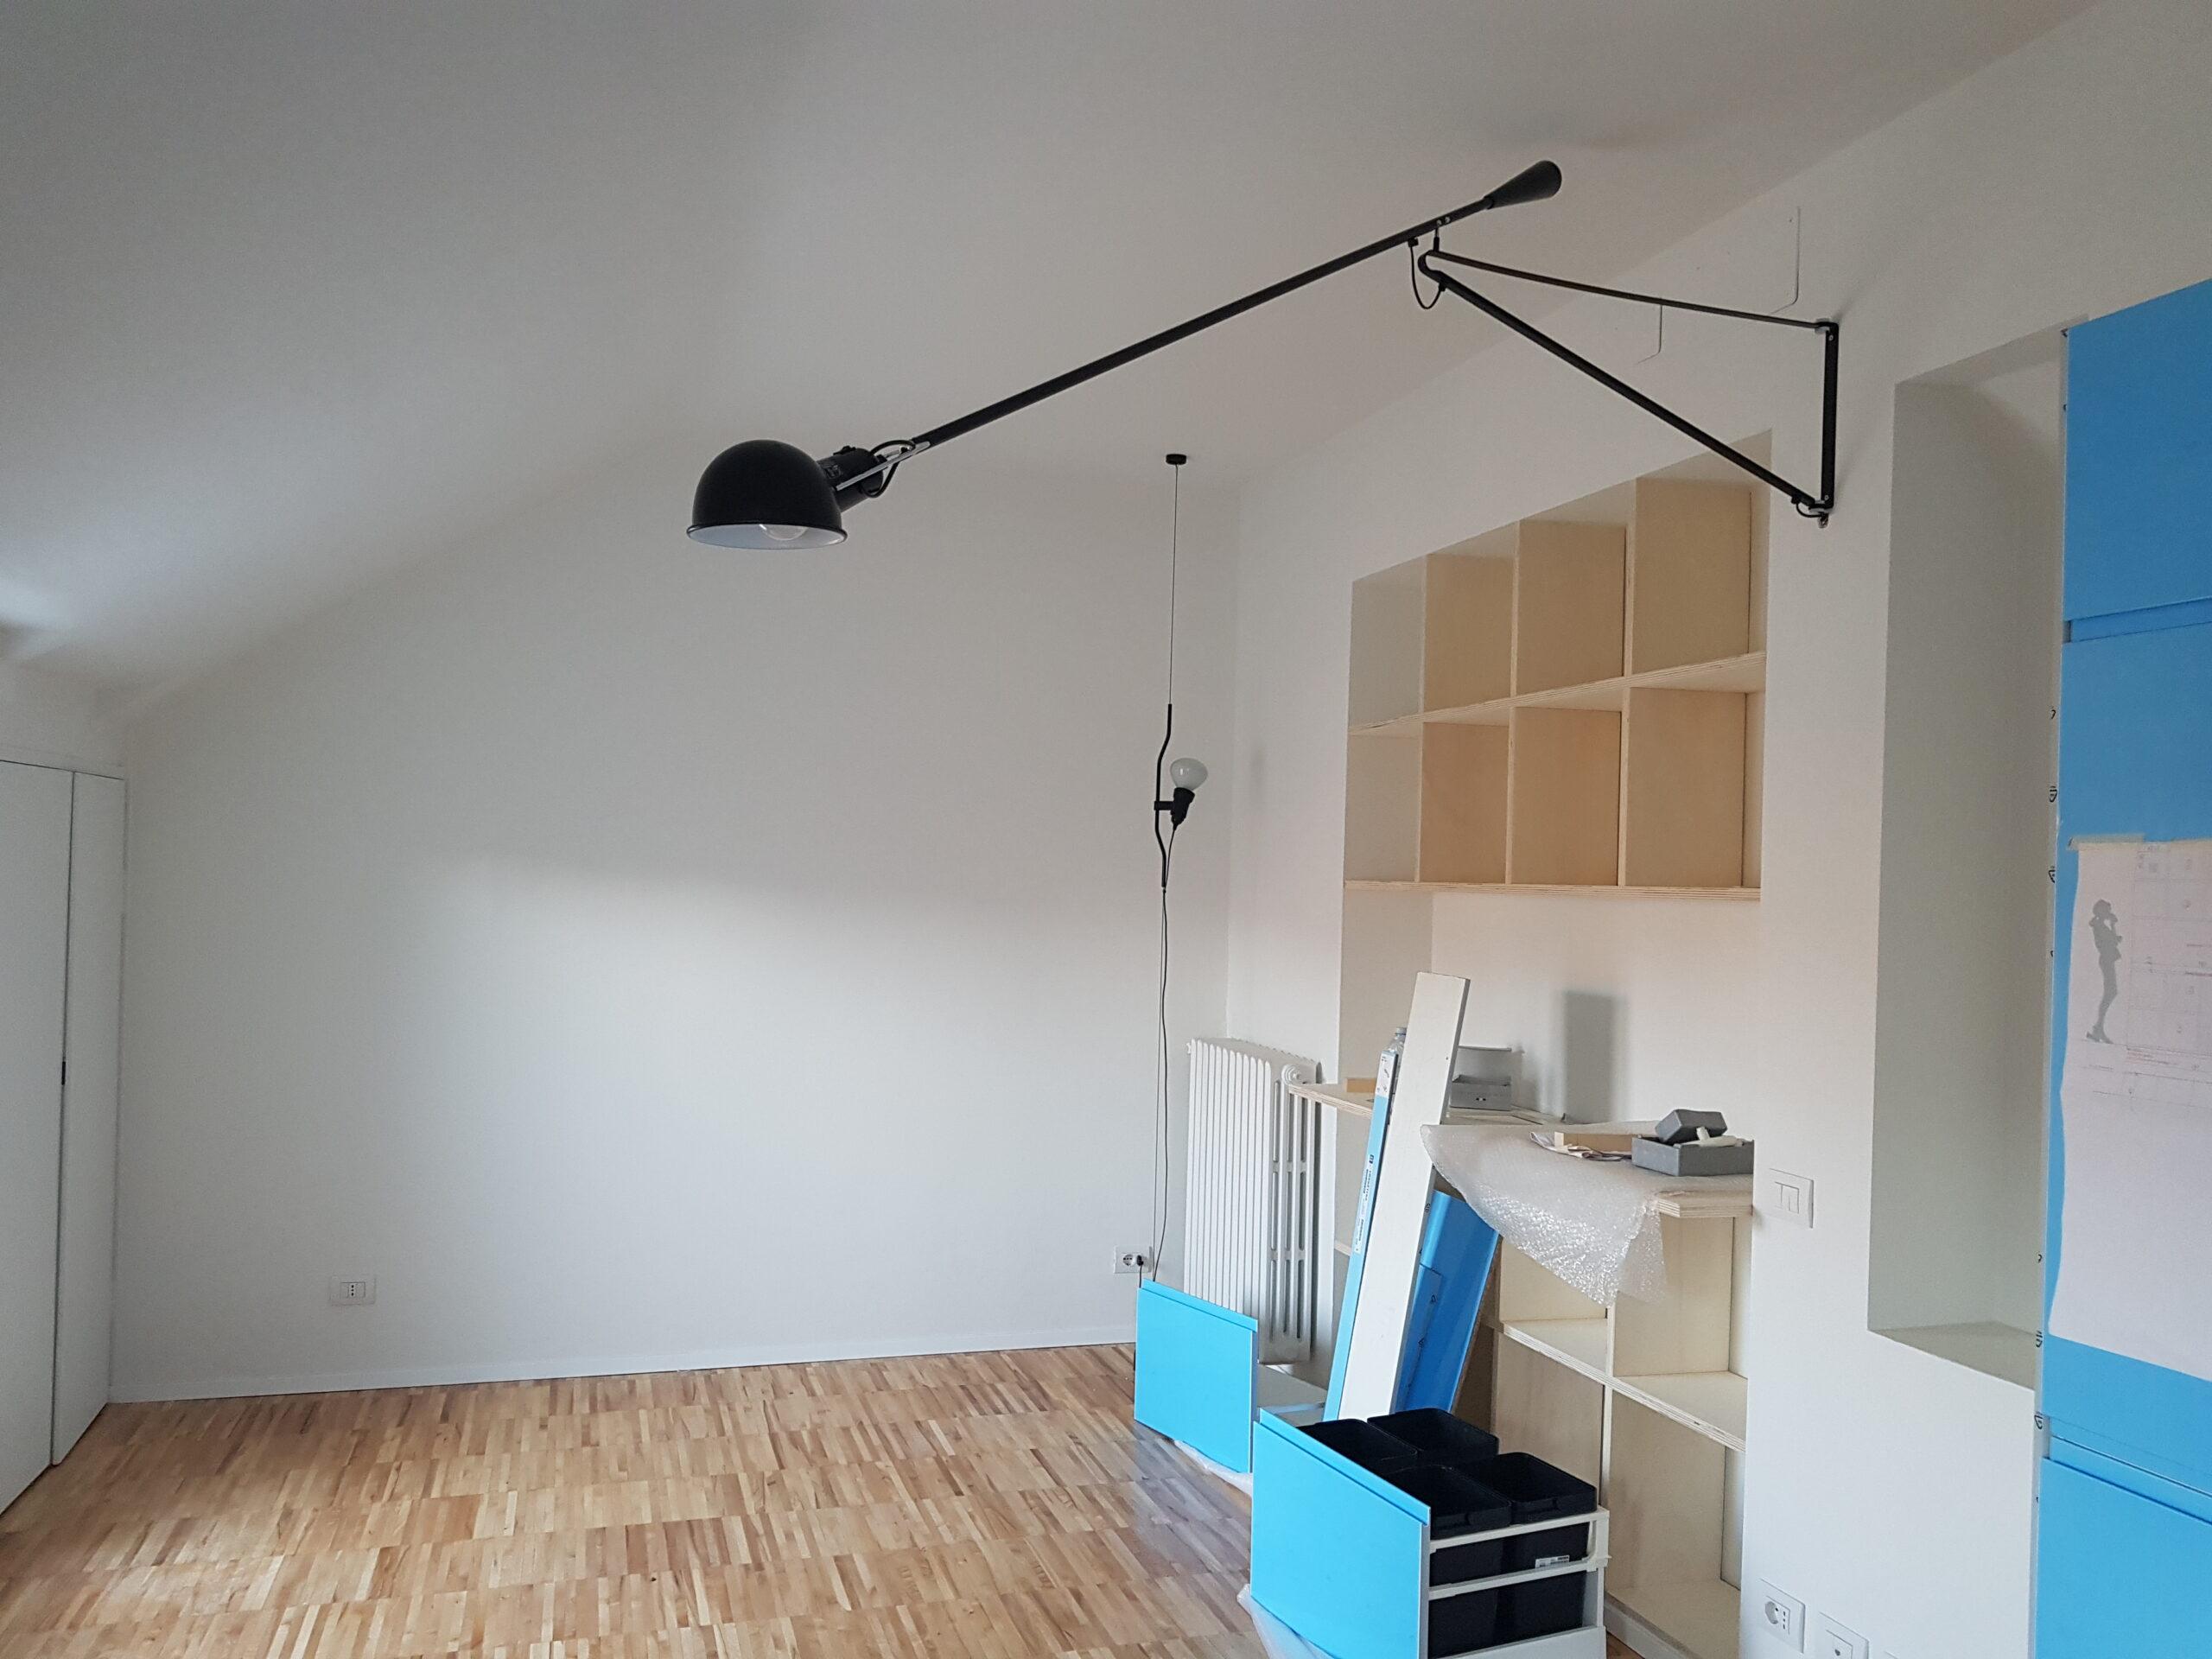 4. Locale camera con pavimento in doghe di legno, pareti con predisposizioni incasso di immobili, illuminazione installata a parete: lavori ultimati.